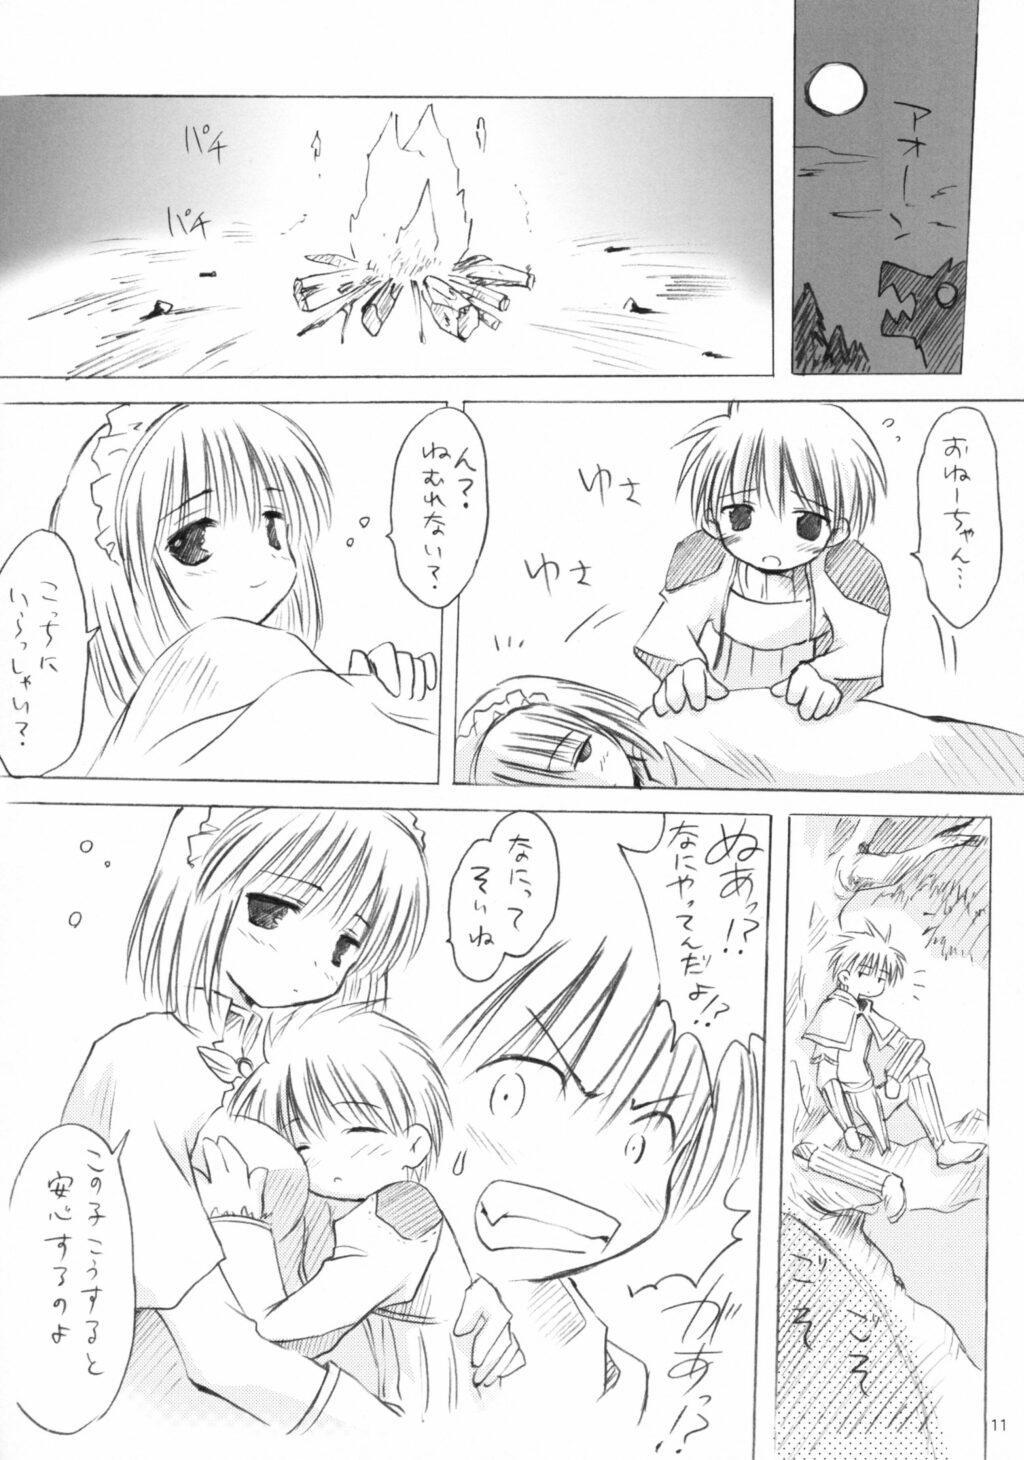 Hajisyoku 10